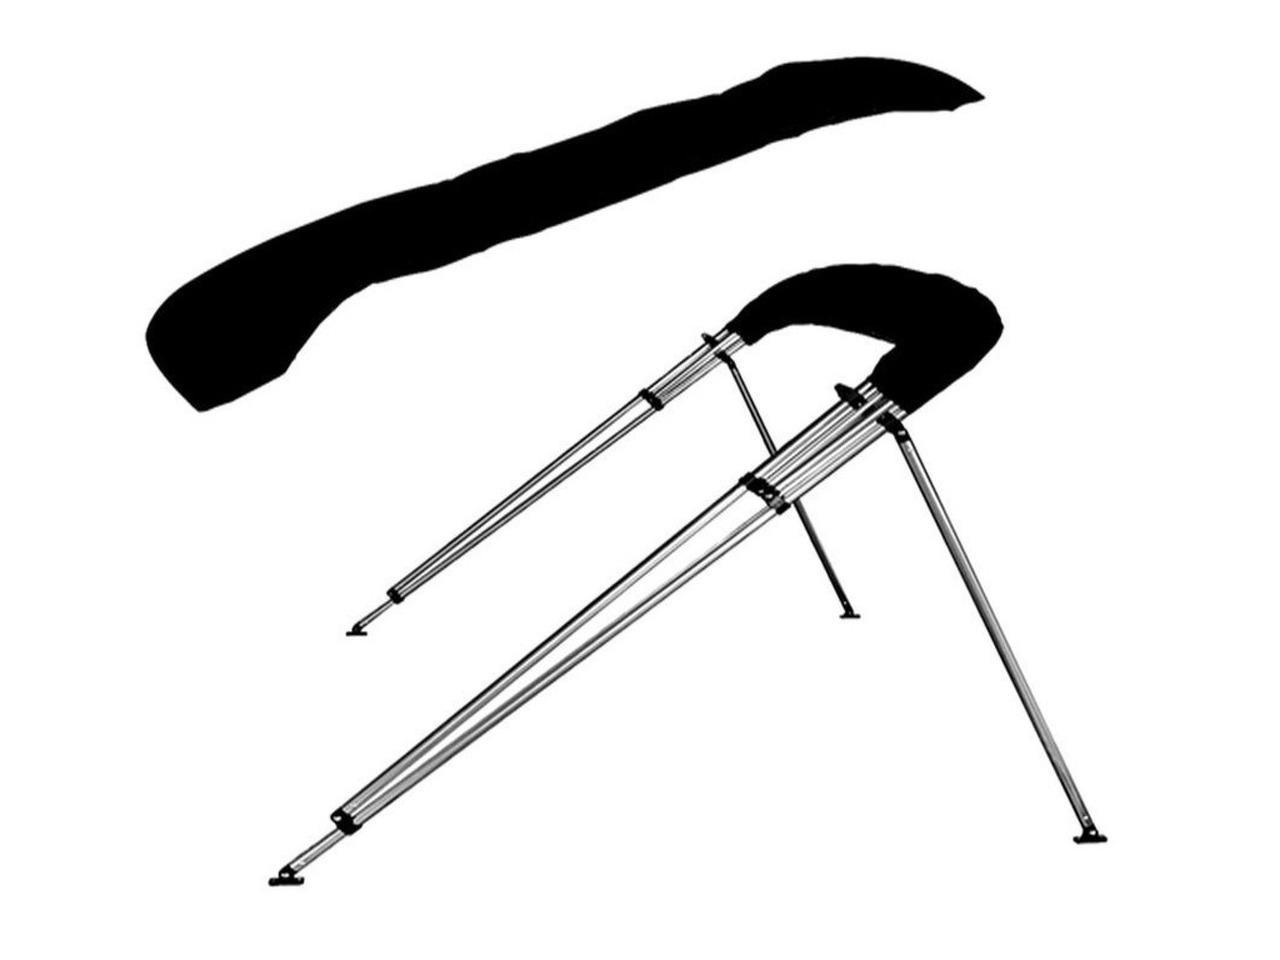 Toldo Bimini 4 arcos cor Preto largura 2,20m-2,40m - 3/5